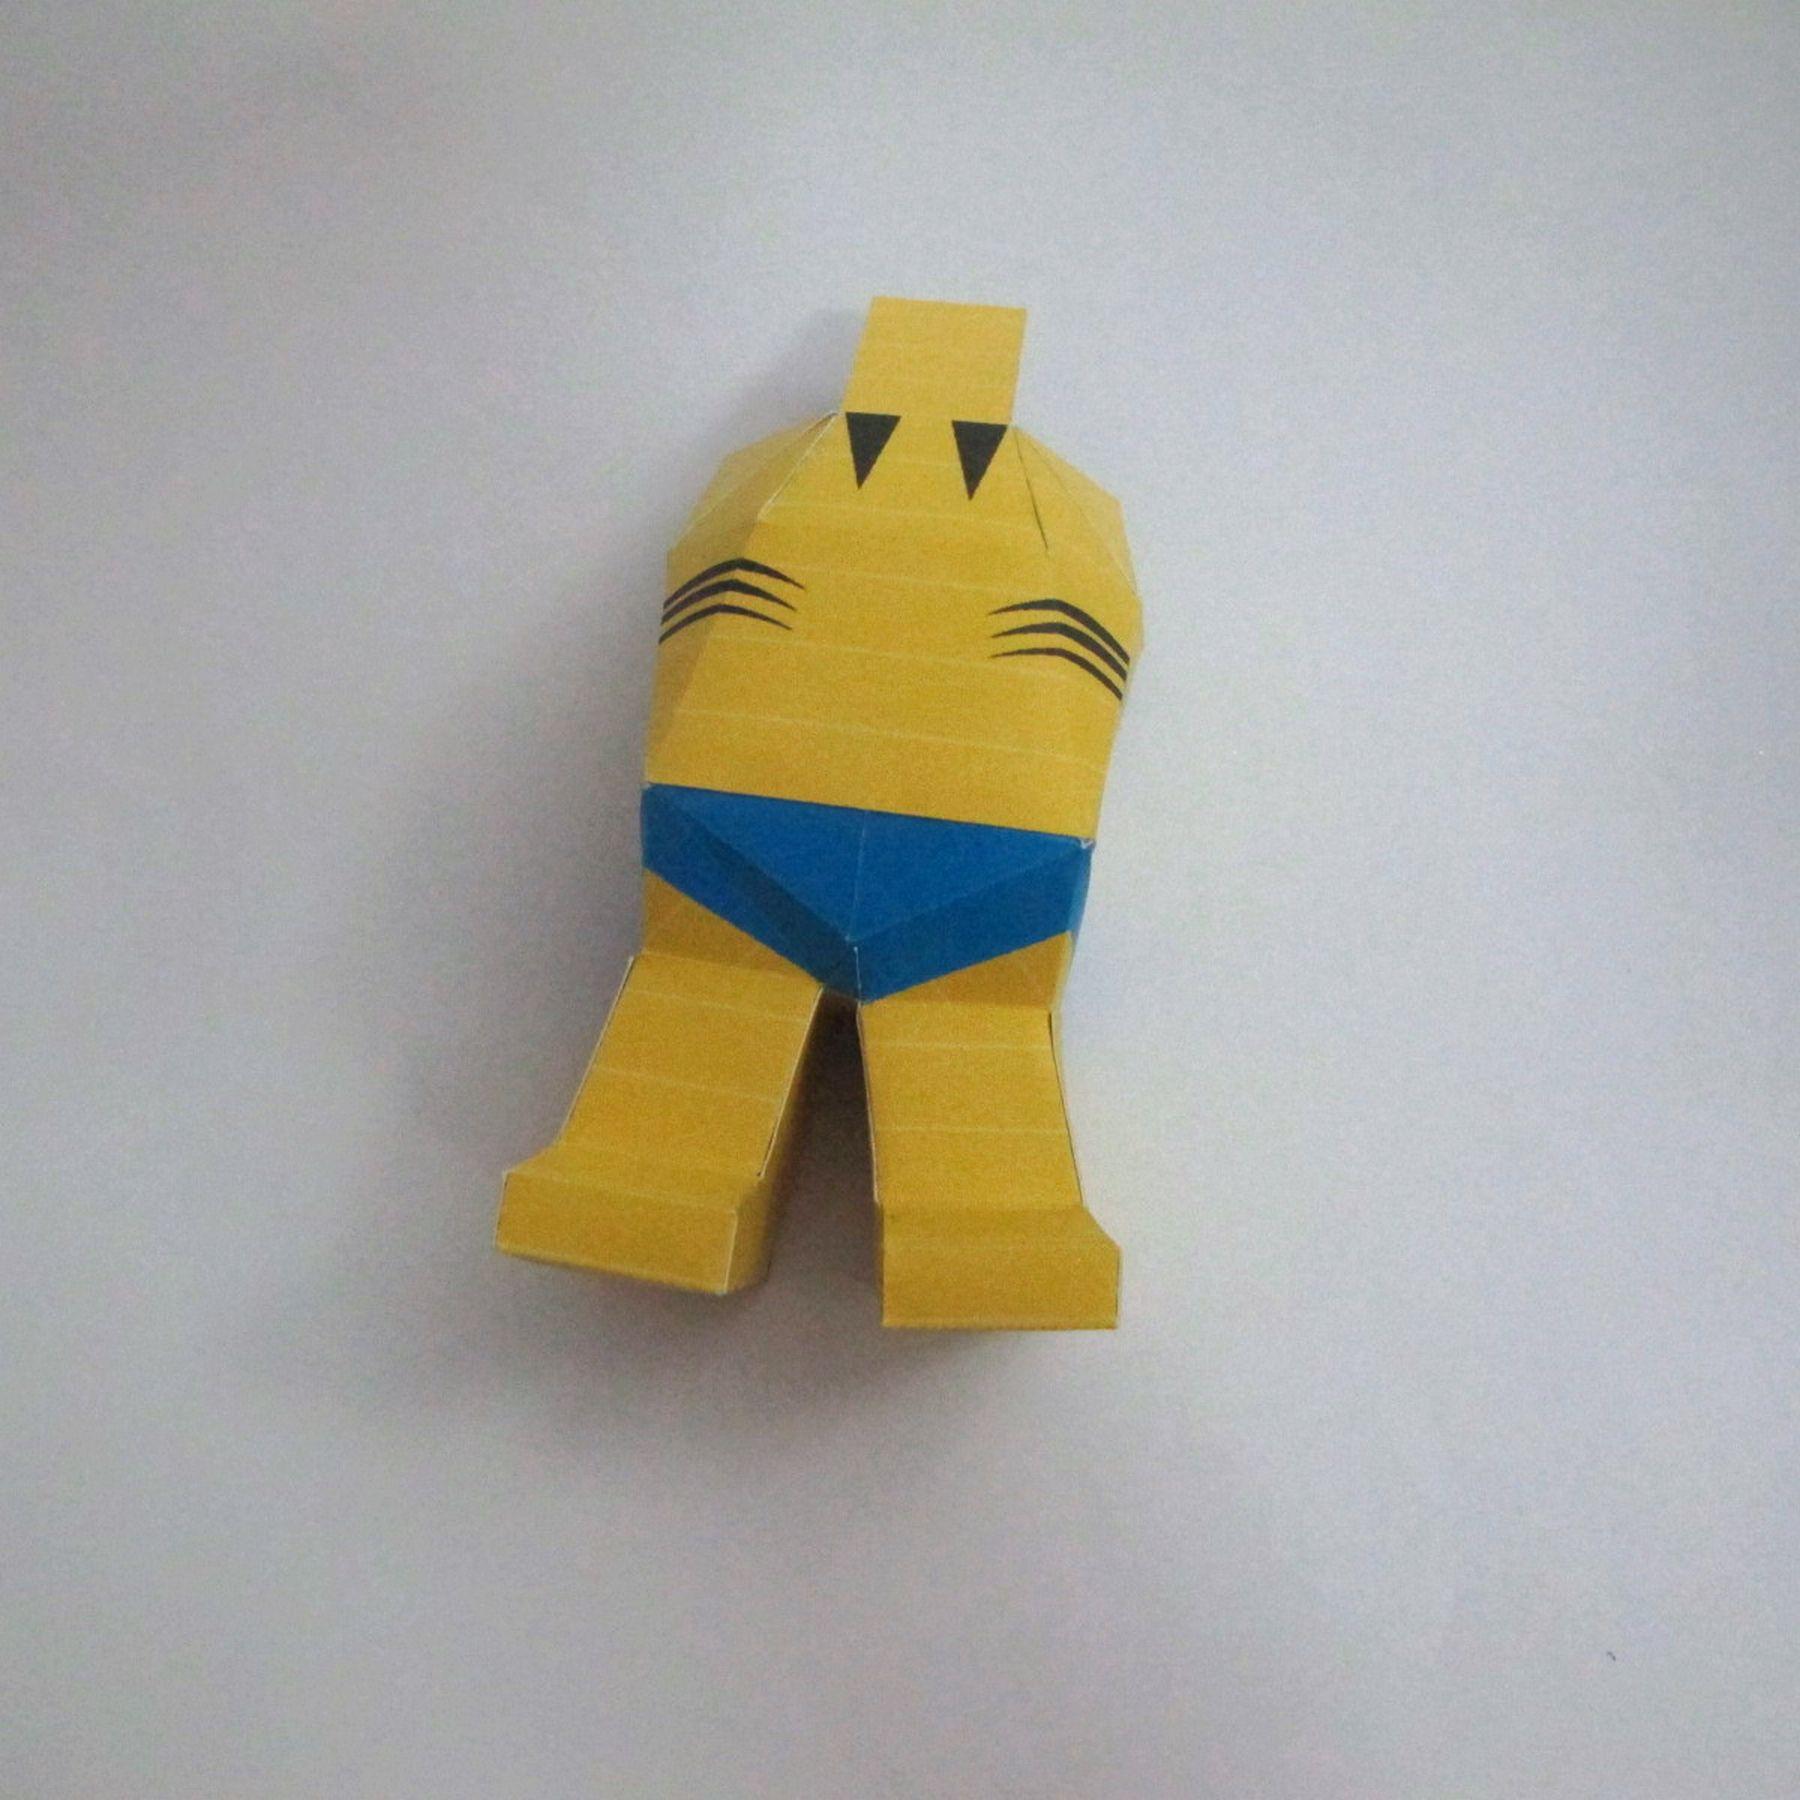 วิธีทำของเล่นโมเดลกระดาษ วูฟเวอรีน (Chibi Wolverine Papercraft Model) 029